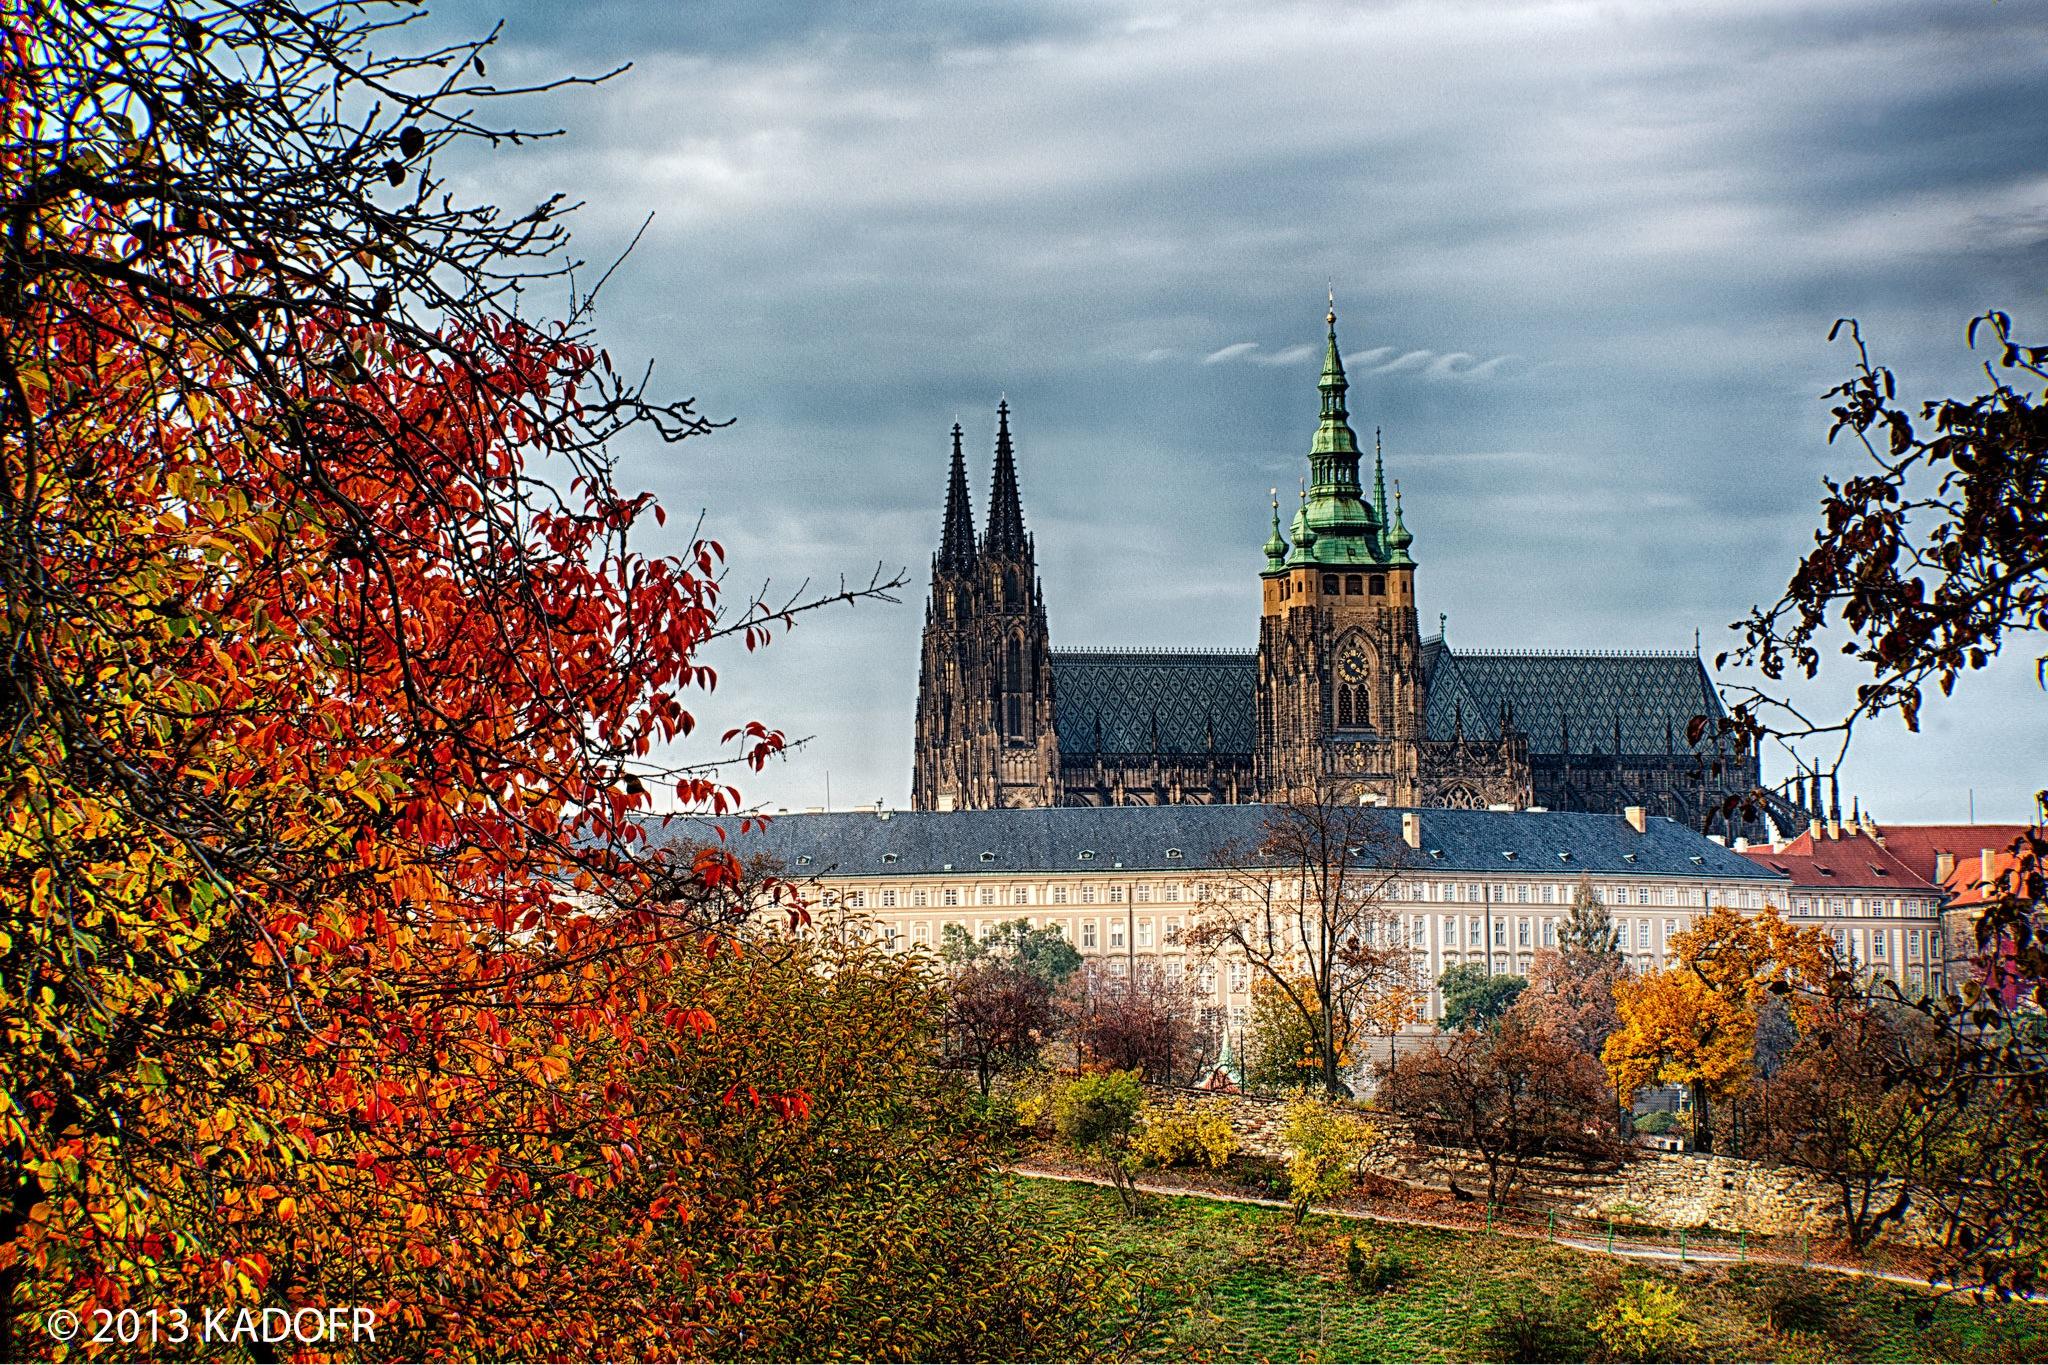 Kdo si ještě dnes vzpomene, že kopec, na kterém stojí Pražský hrad, se nazývá Žiži - (Foto: Karel Dobeš)